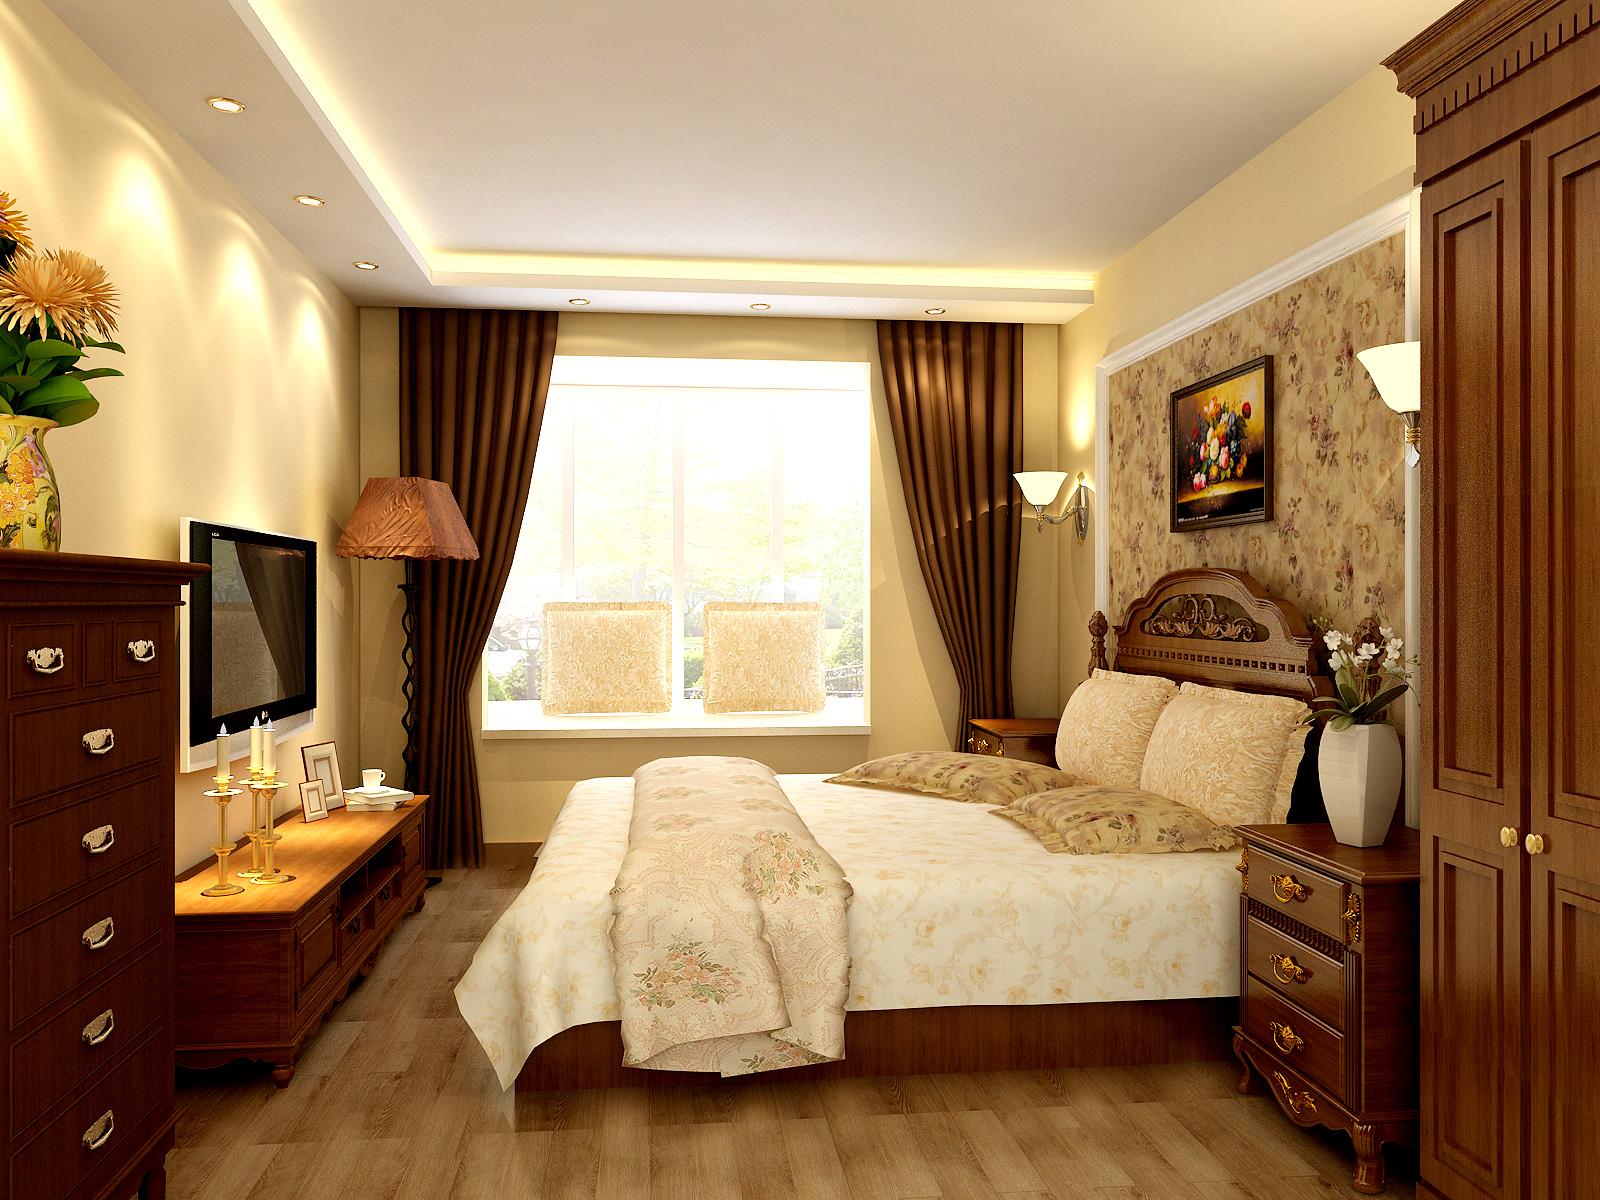 三居 欧式 简约欧式 80后 婚房 卧室图片来自实创装饰都琳在80后大爱简欧风格的分享